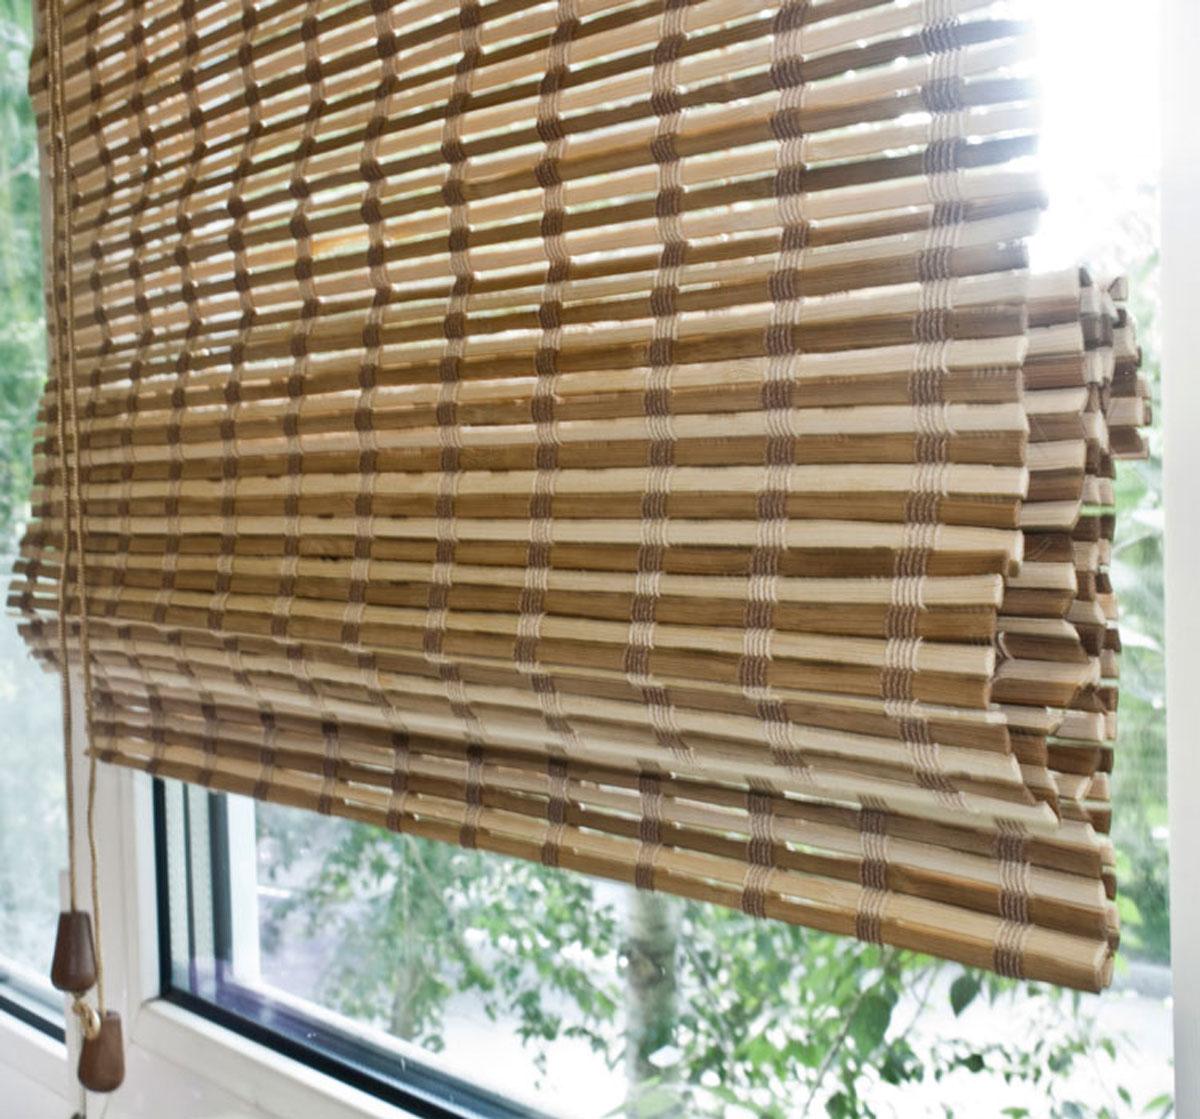 Римская штора Эскар 100х160 см, бамбуковая, цвет: микс72959100160Римская штора Эскар, выполненная из натурального бамбука, является оригинальным современным аксессуаром для создания необычного интерьера в восточном или минималистичном стиле. Римская бамбуковая штора, как и тканевая римская штора, при поднятии образует крупные складки, которые прекрасно декорируют окно. Особенность устройства полотна позволяет свободно пропускать дневной свет, что обеспечивает мягкое освещение комнаты. Римская штора из натурального влагоустойчивого материала легко вписывается в любой интерьер, хорошо сочетается с различной мебелью и элементами отделки. Использование бамбукового полотна придает помещению необычный вид и визуально расширяет пространство. Бамбуковые шторы требуют только сухого ухода: пылесосом, щеткой, веником или влажной (но не мокрой!) губкой. Комплект для монтажа прилагается.